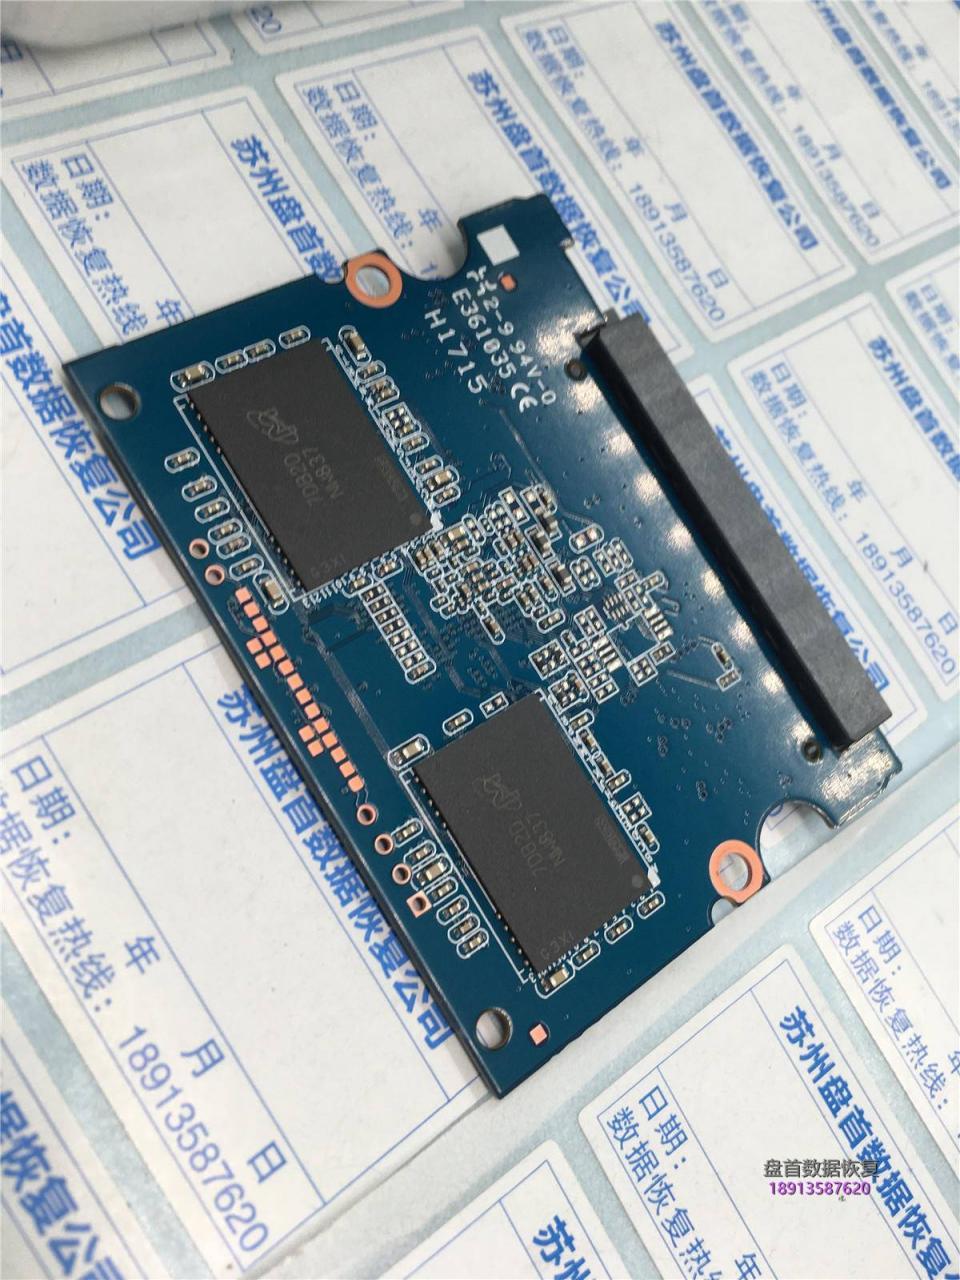 金士顿SSD固态硬盘掉盘后导致分区丢失磁盘未初始化